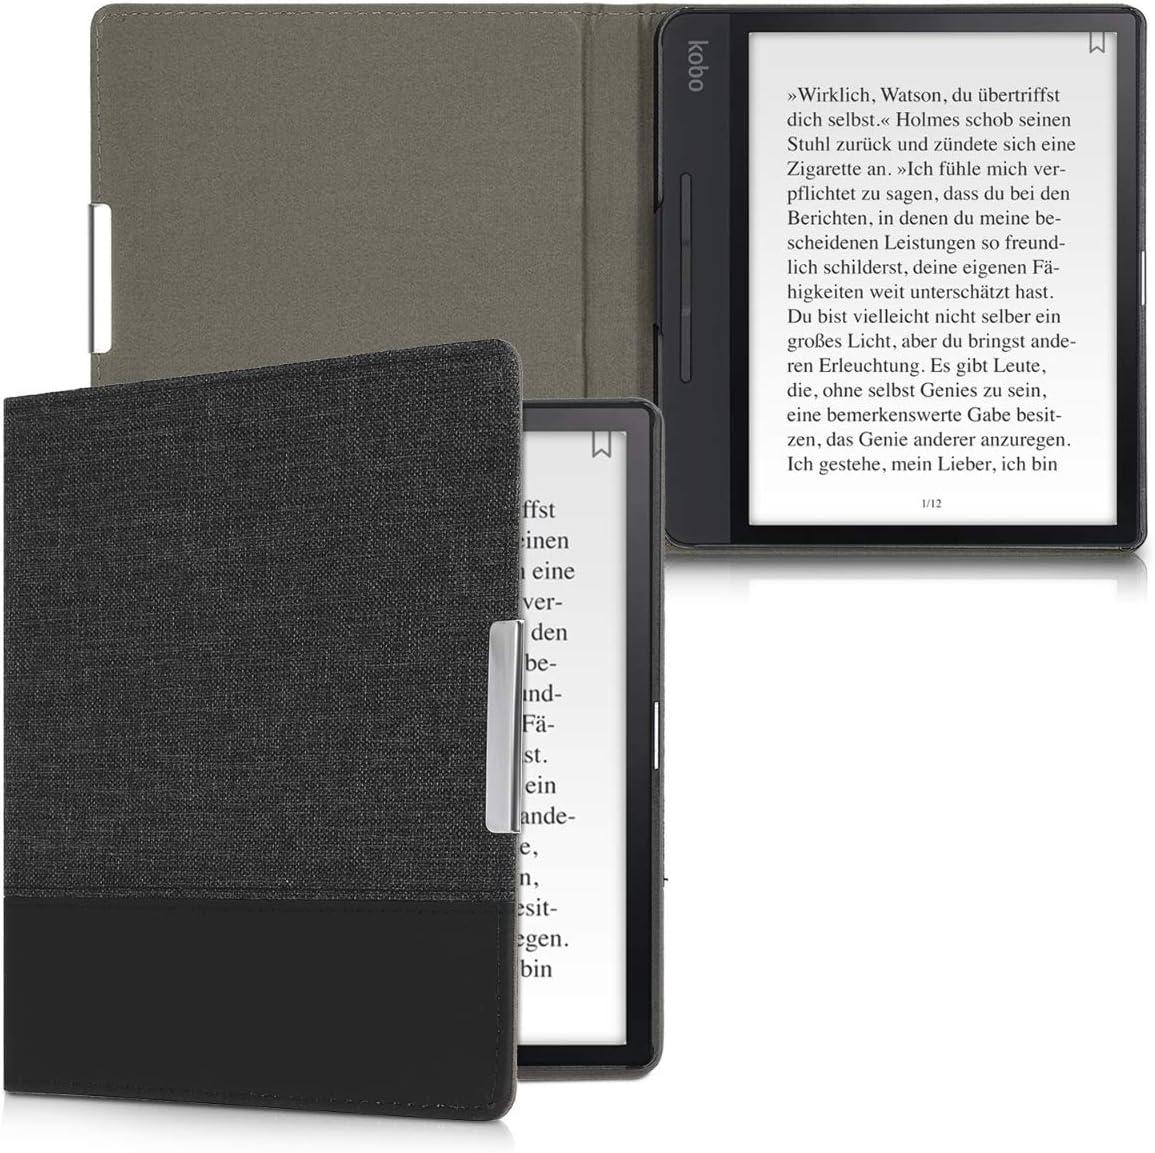 Kwmobile Kobo Forma Protective Cover Case For Kobo Elektronik